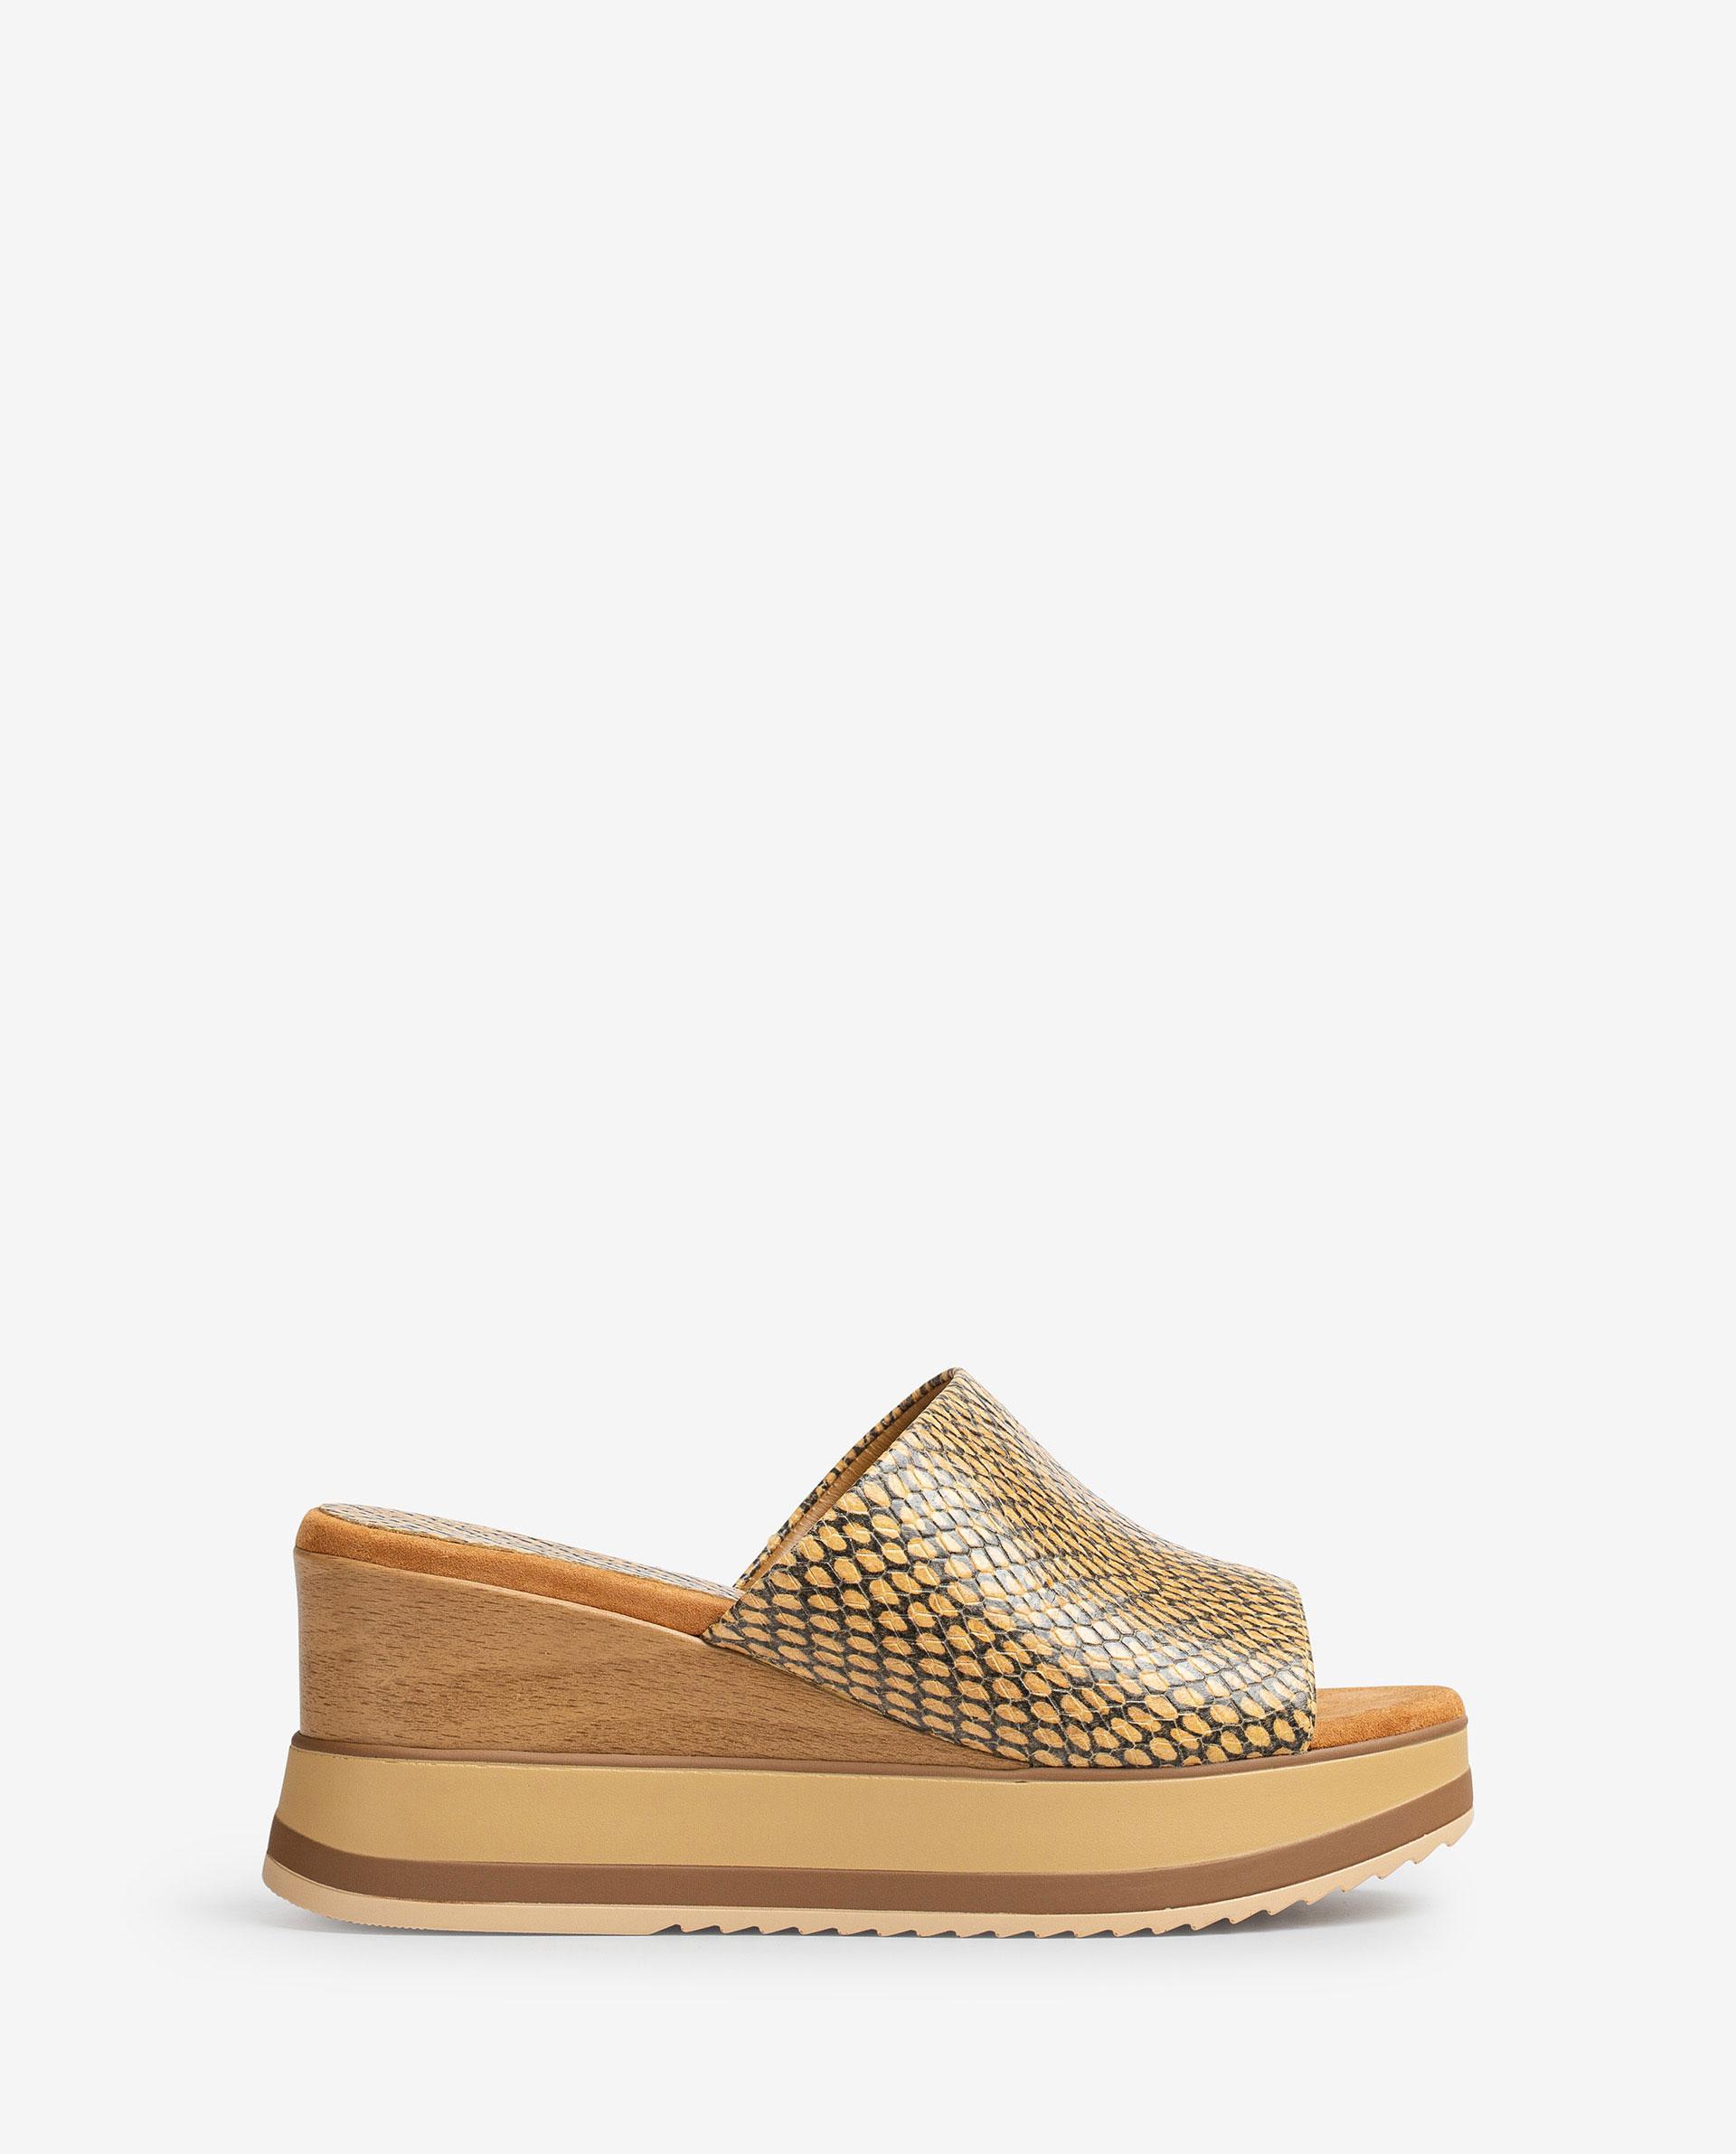 UNISA Sandalen mit Keilsohle in Holz-Optik und Sportsohle. KALANI_MA 5